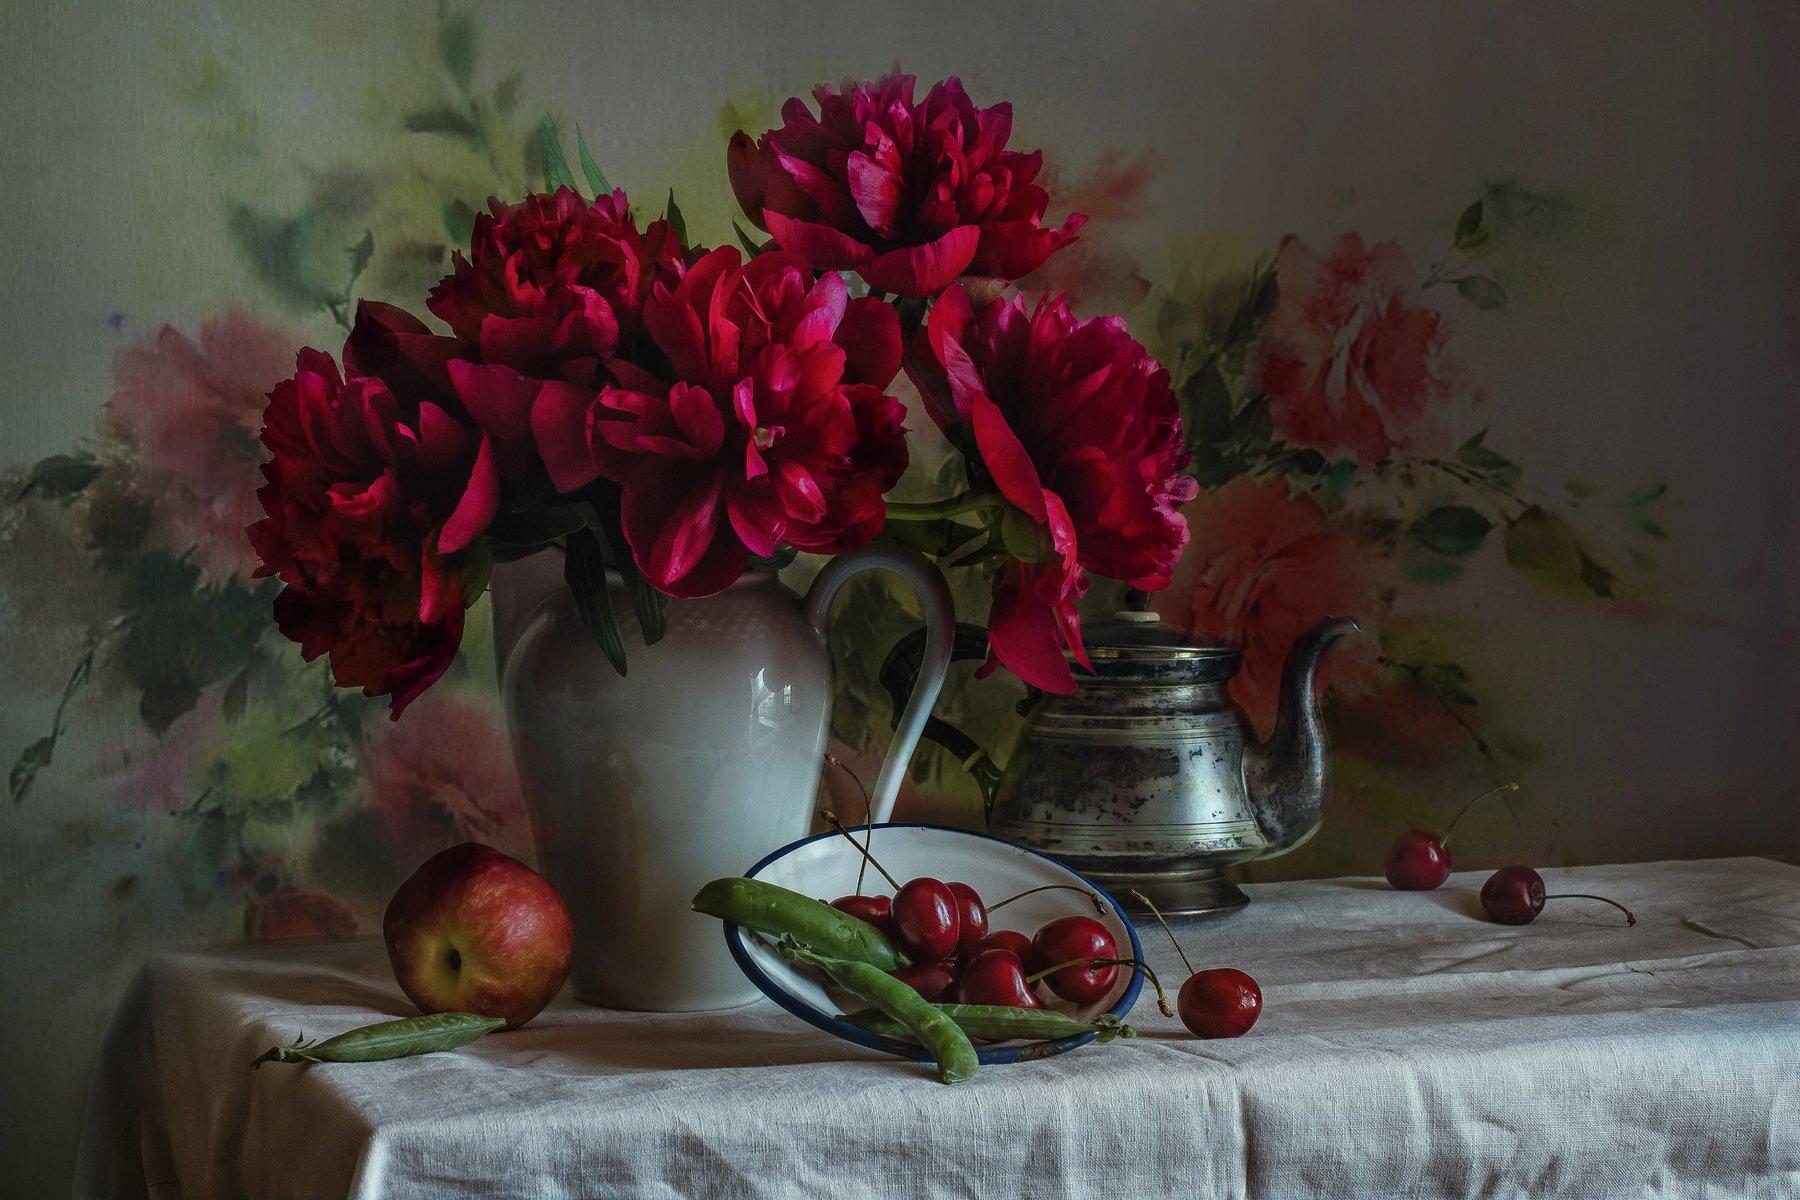 натюрморт, фарфор, цветы, пионы, ягода, черешня, Анна Петина